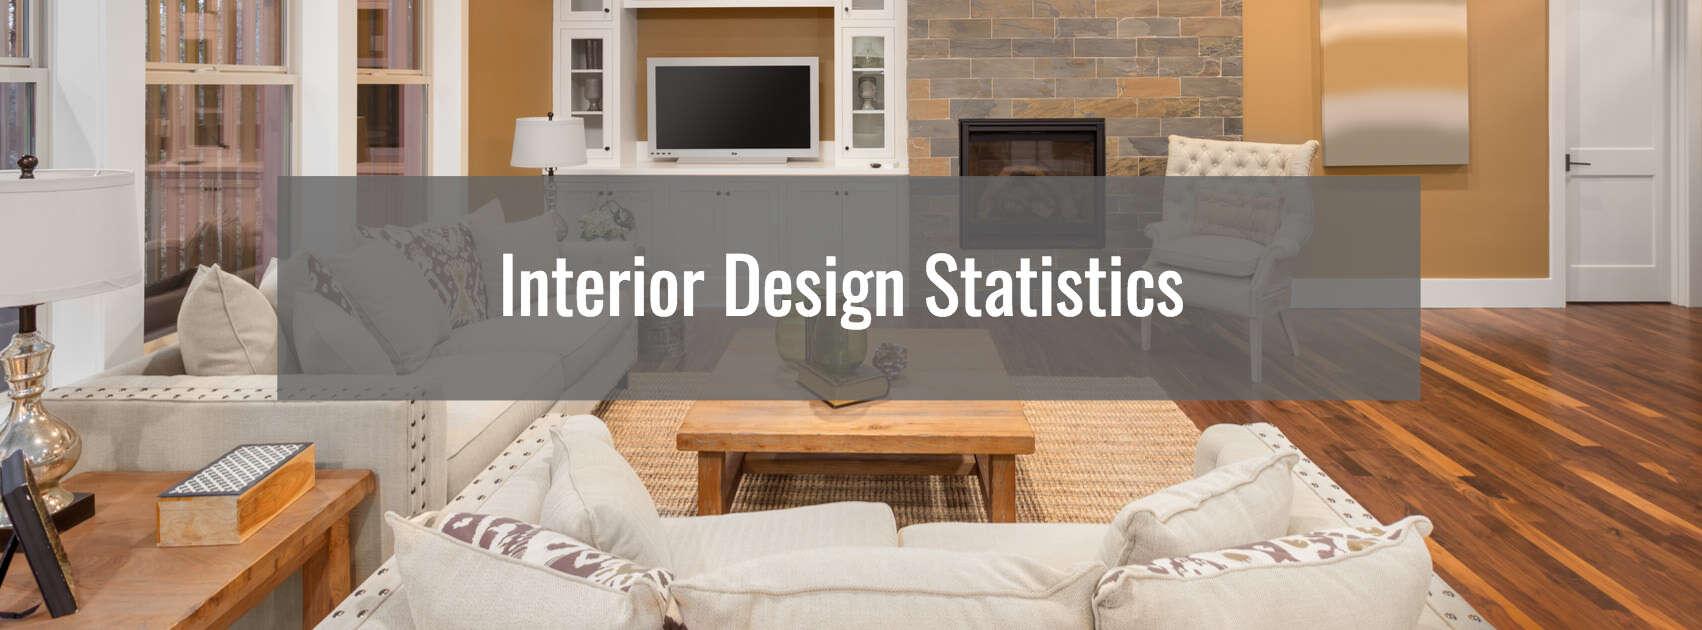 Interior design statistics